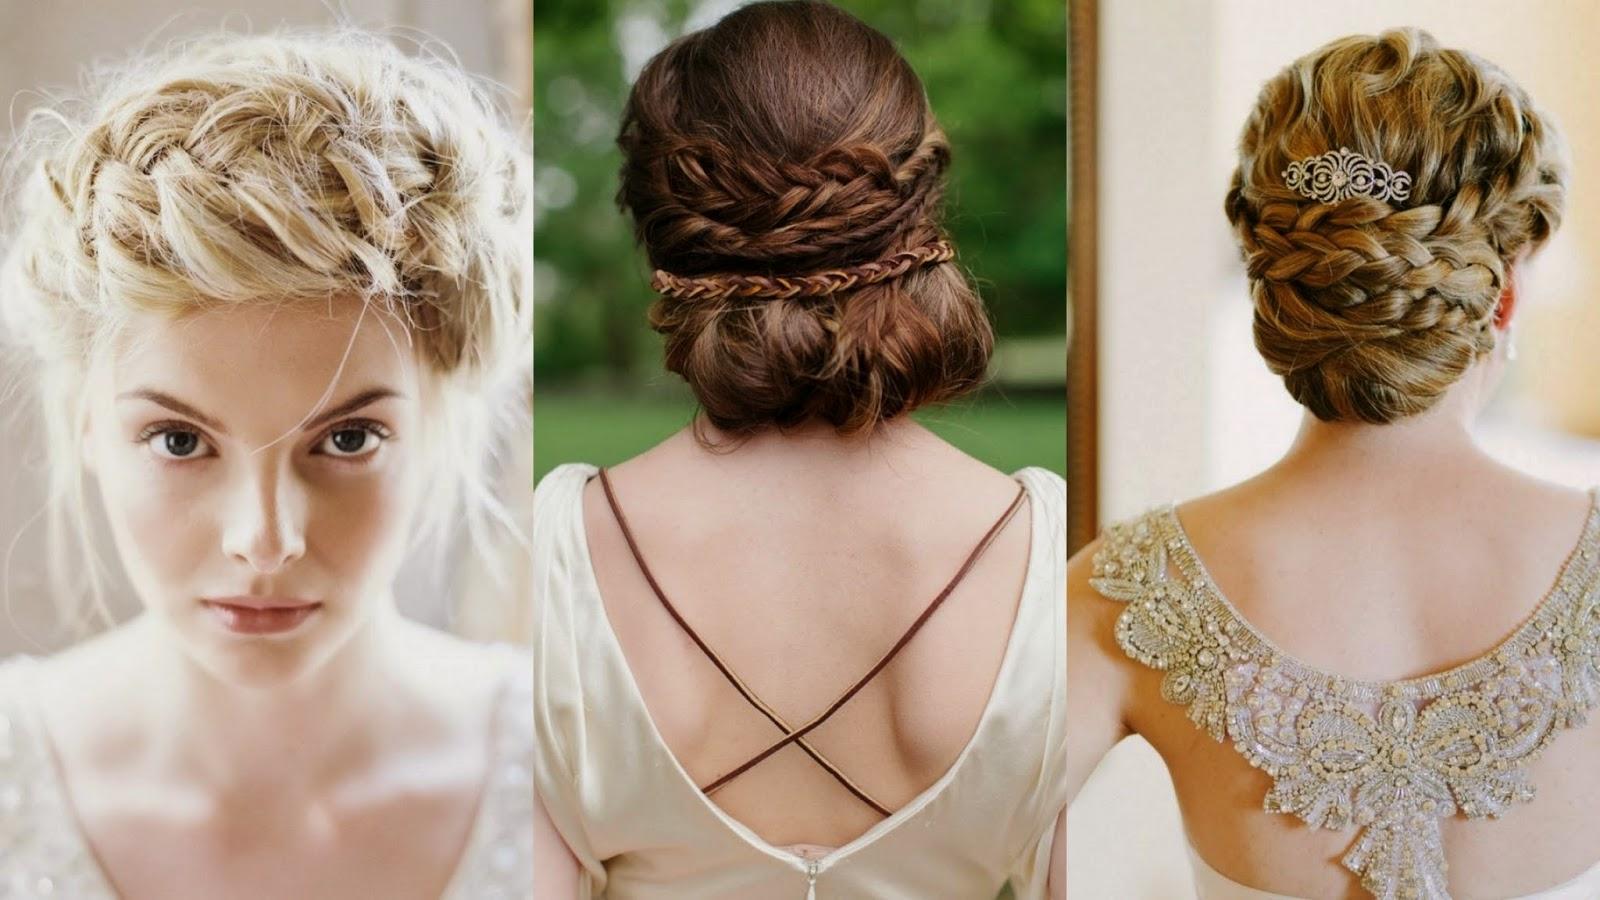 Imágenes de peinados para una boda invitada - Peinados Para Una Boda Invitada